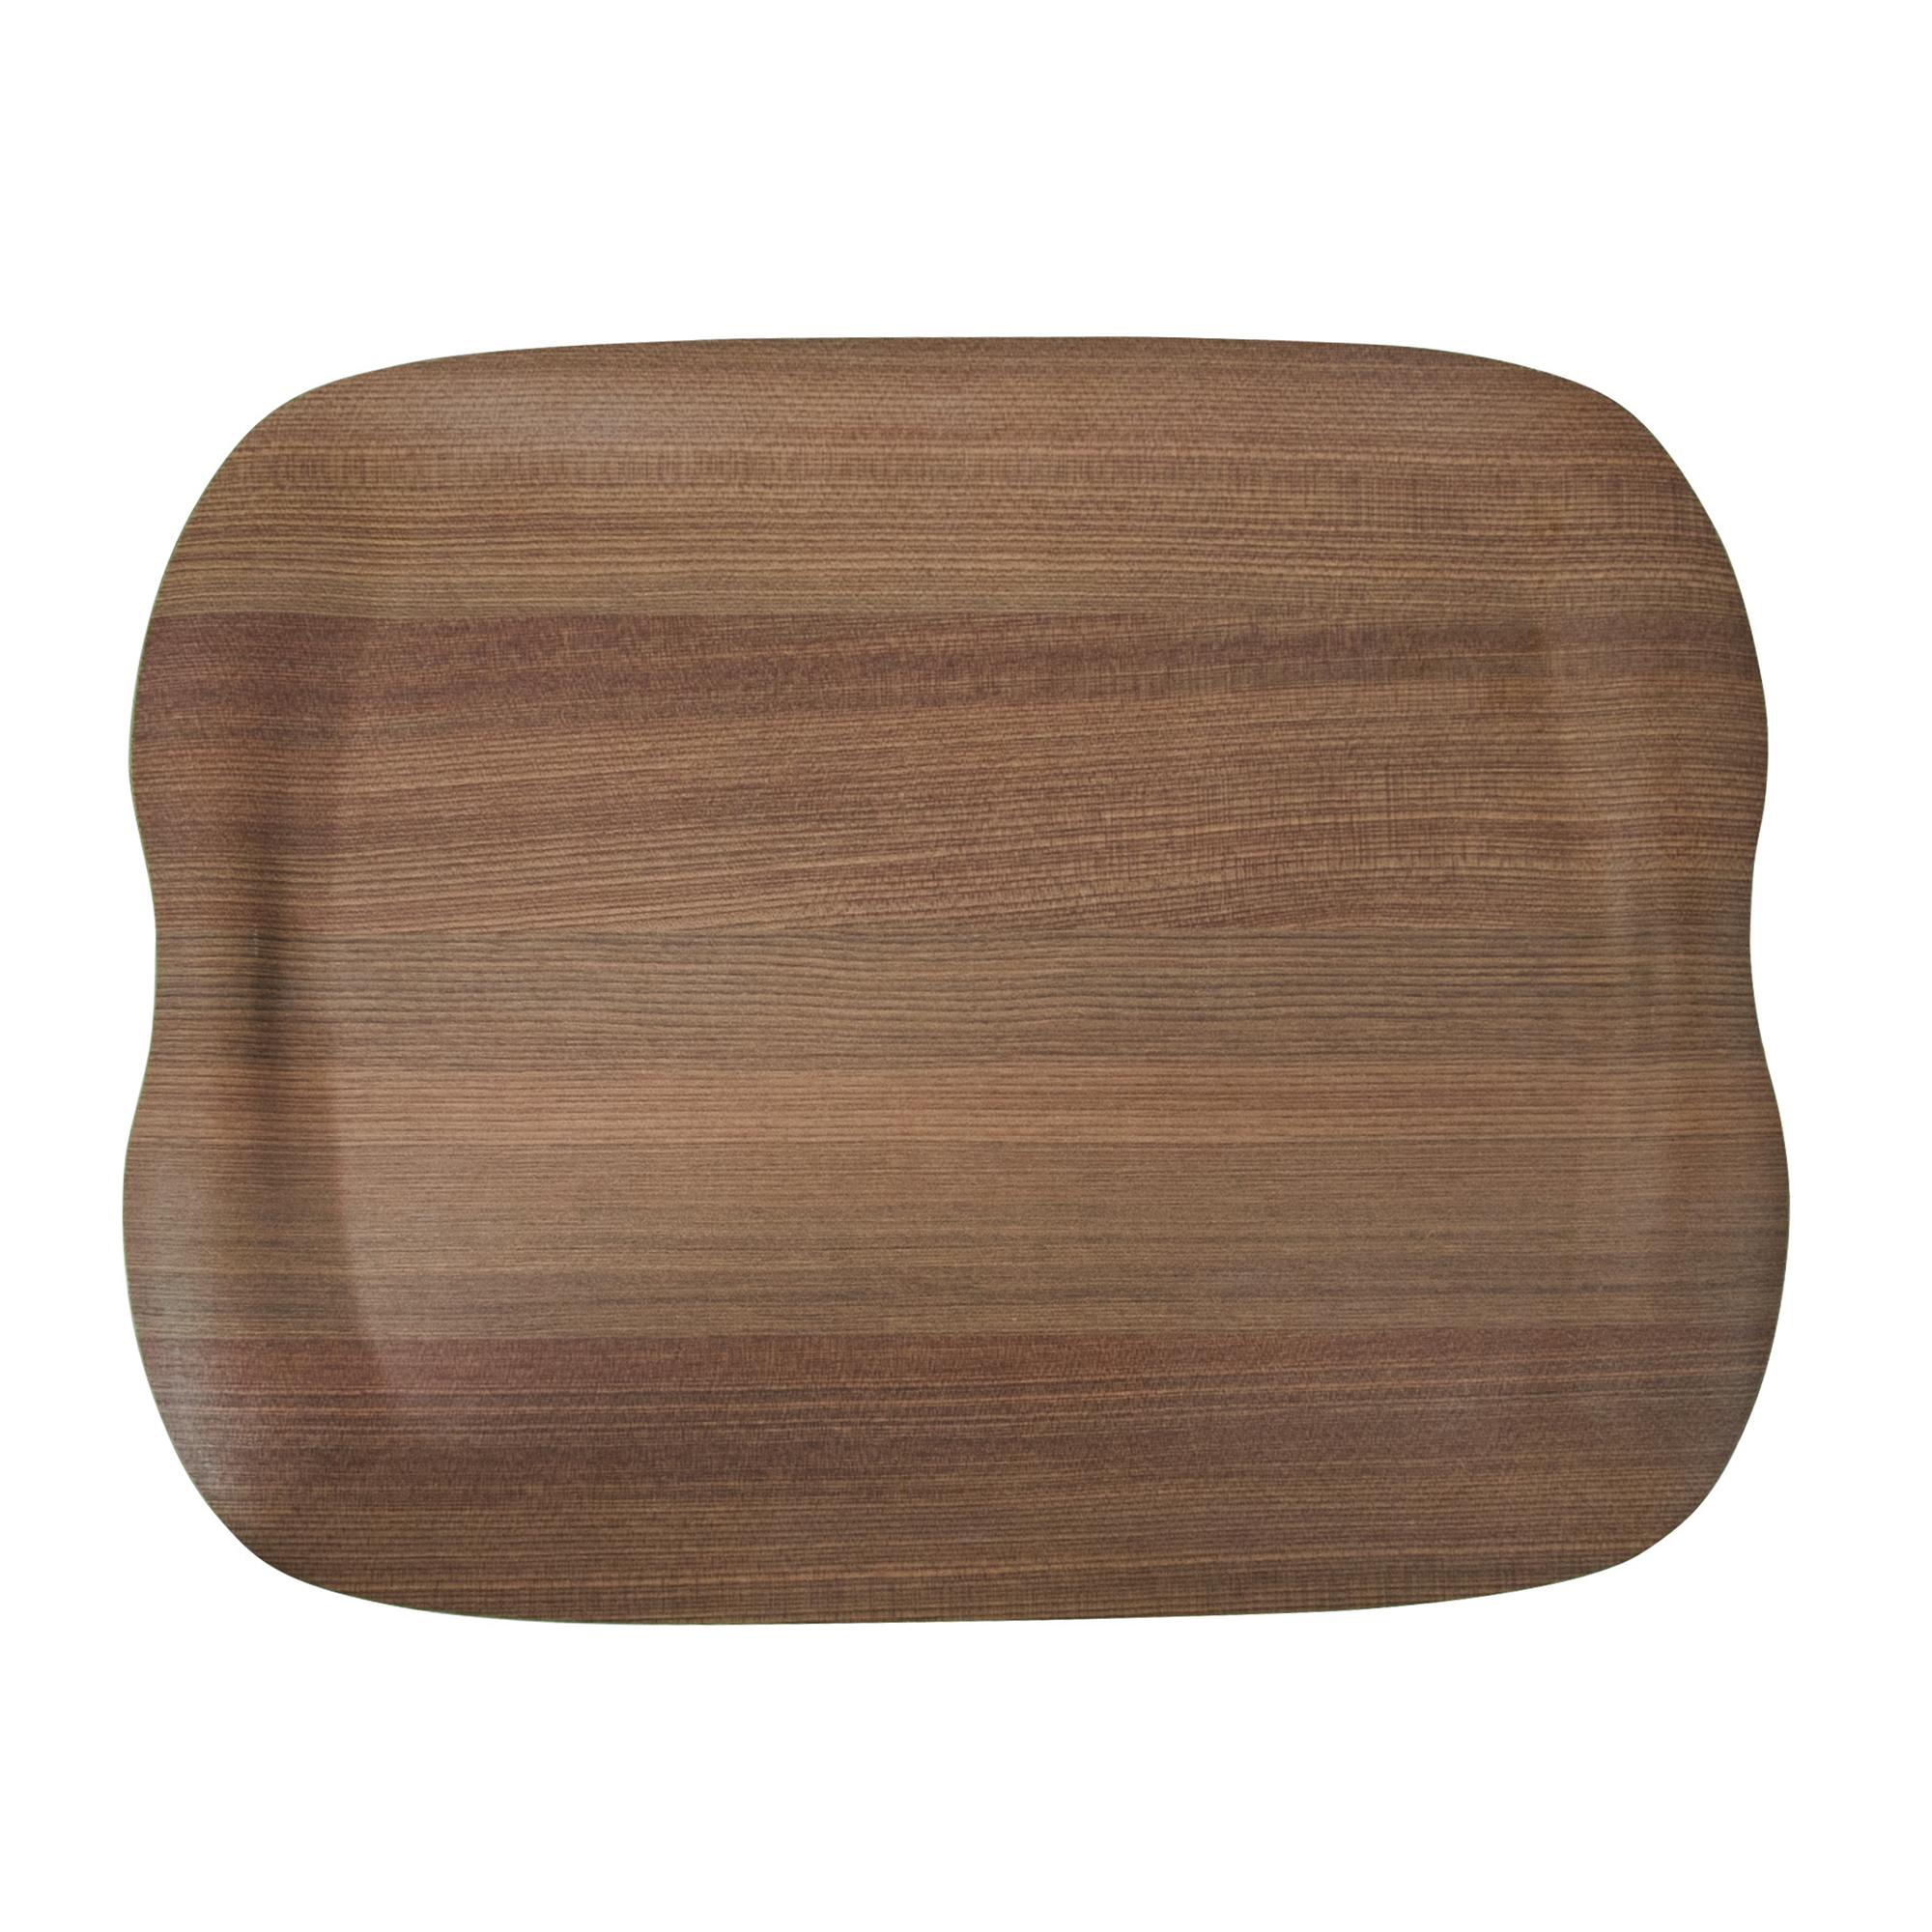 San Jamar ETW4222WW cafeteria tray